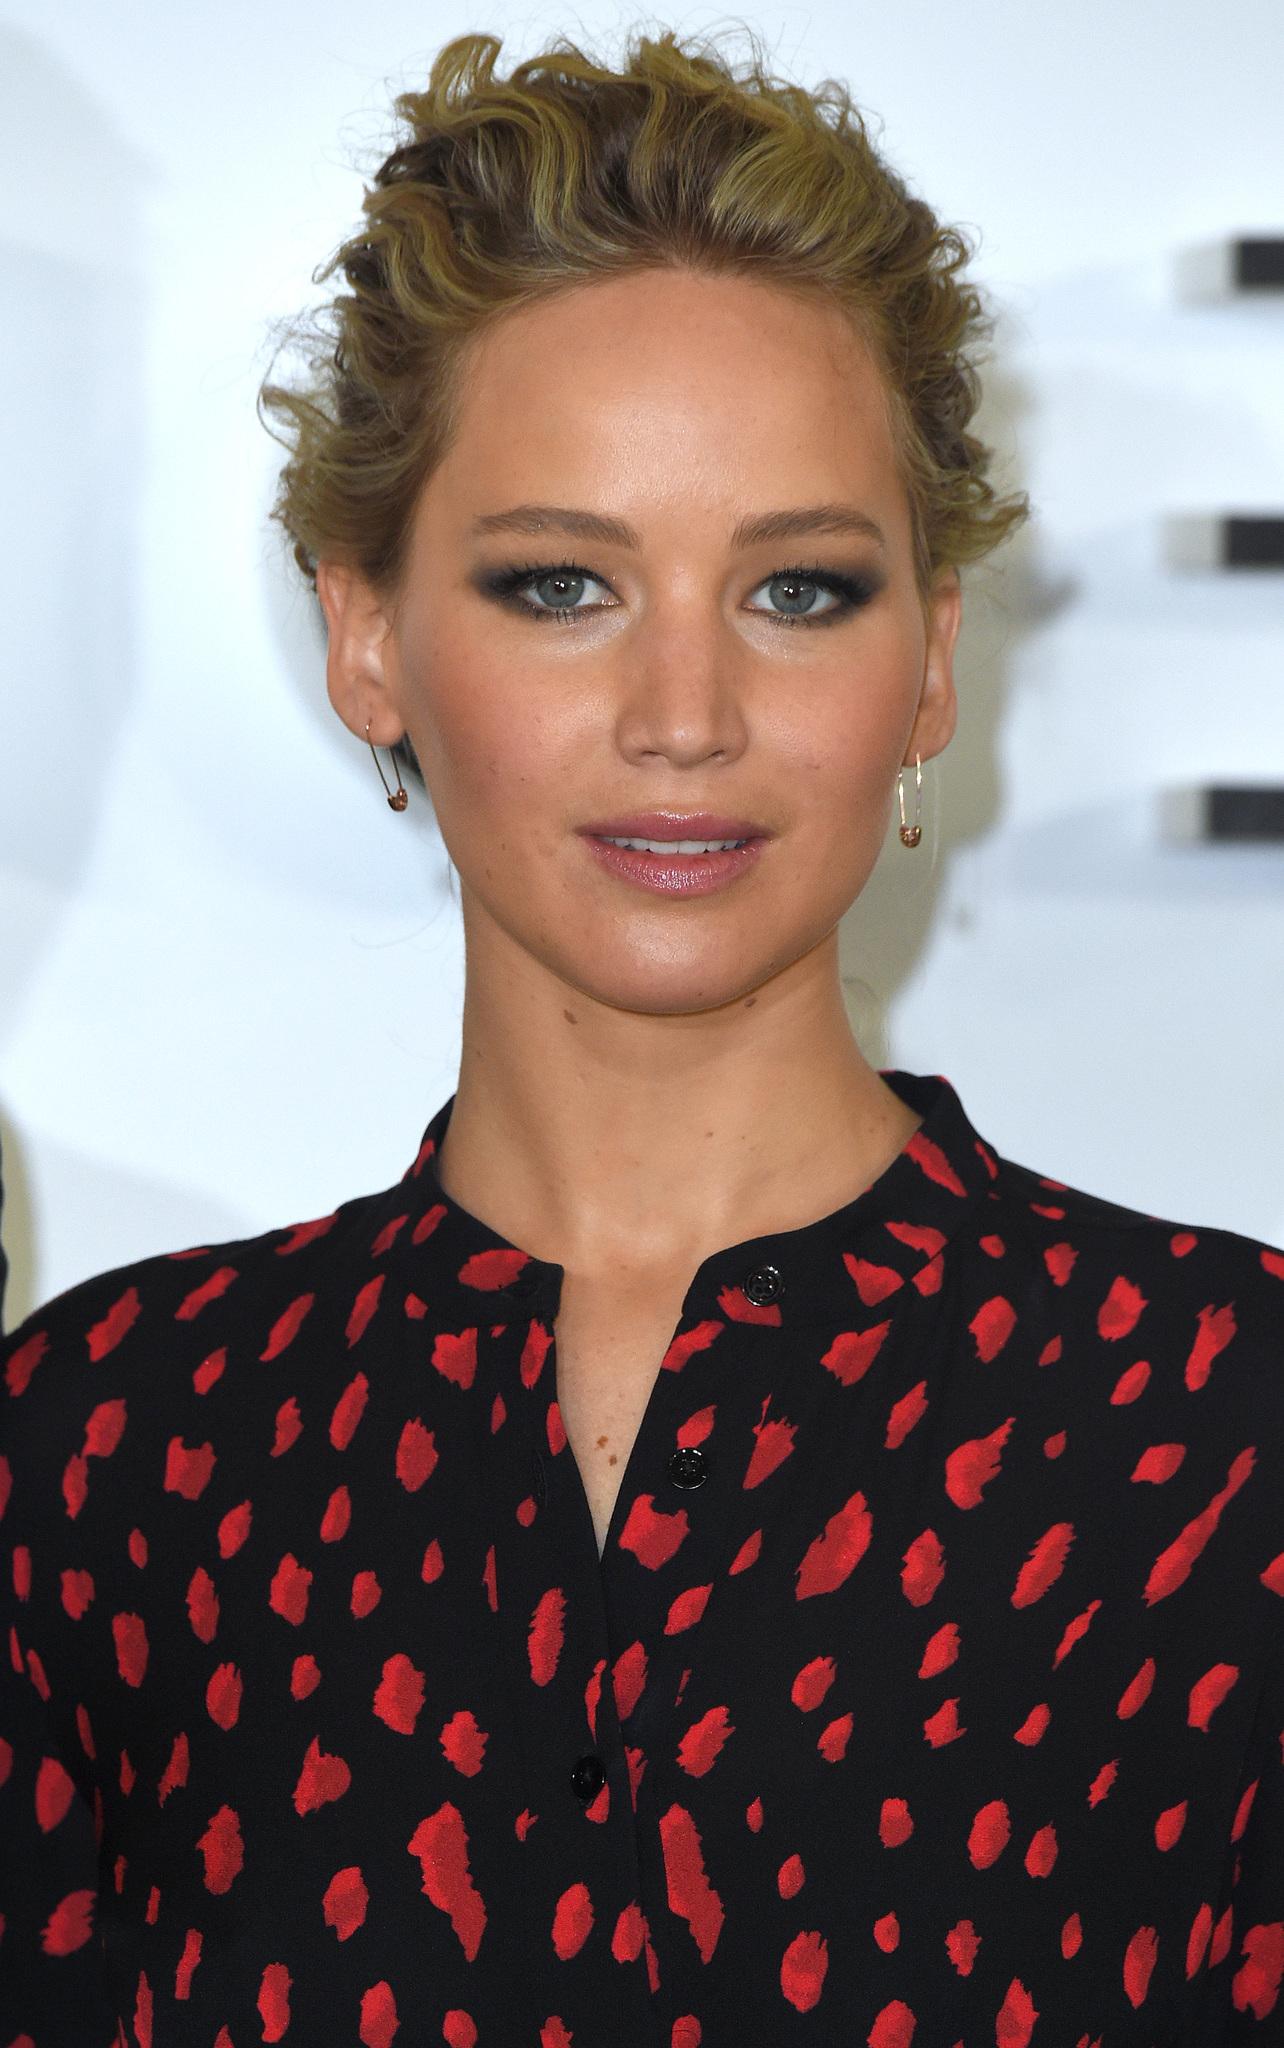 Jennifer Lawrence'ın evine gizlice girmiş!